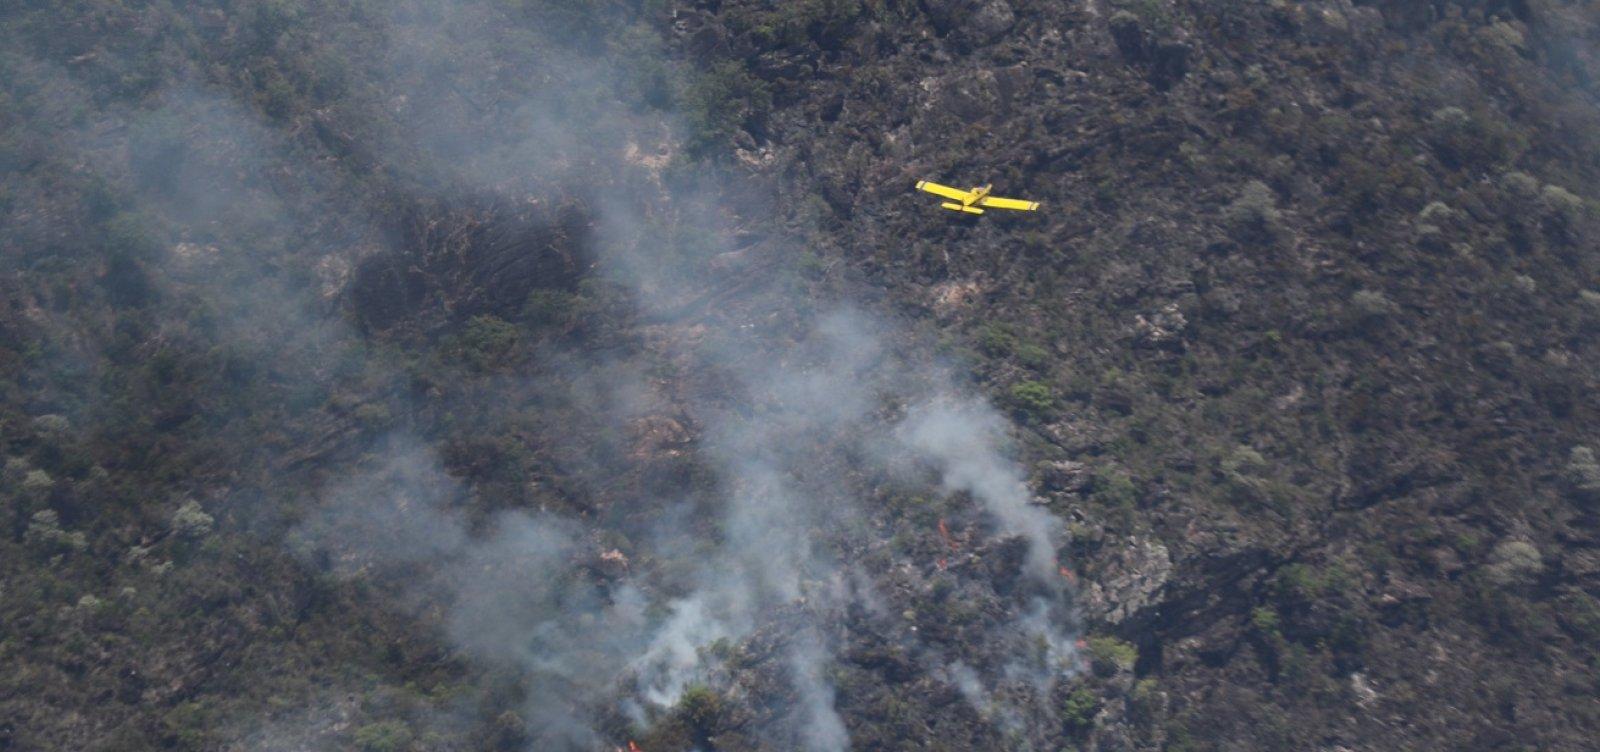 [Bombeiros e voluntários monitoram possíveis focos de incêndio na Chapada Diamantina]